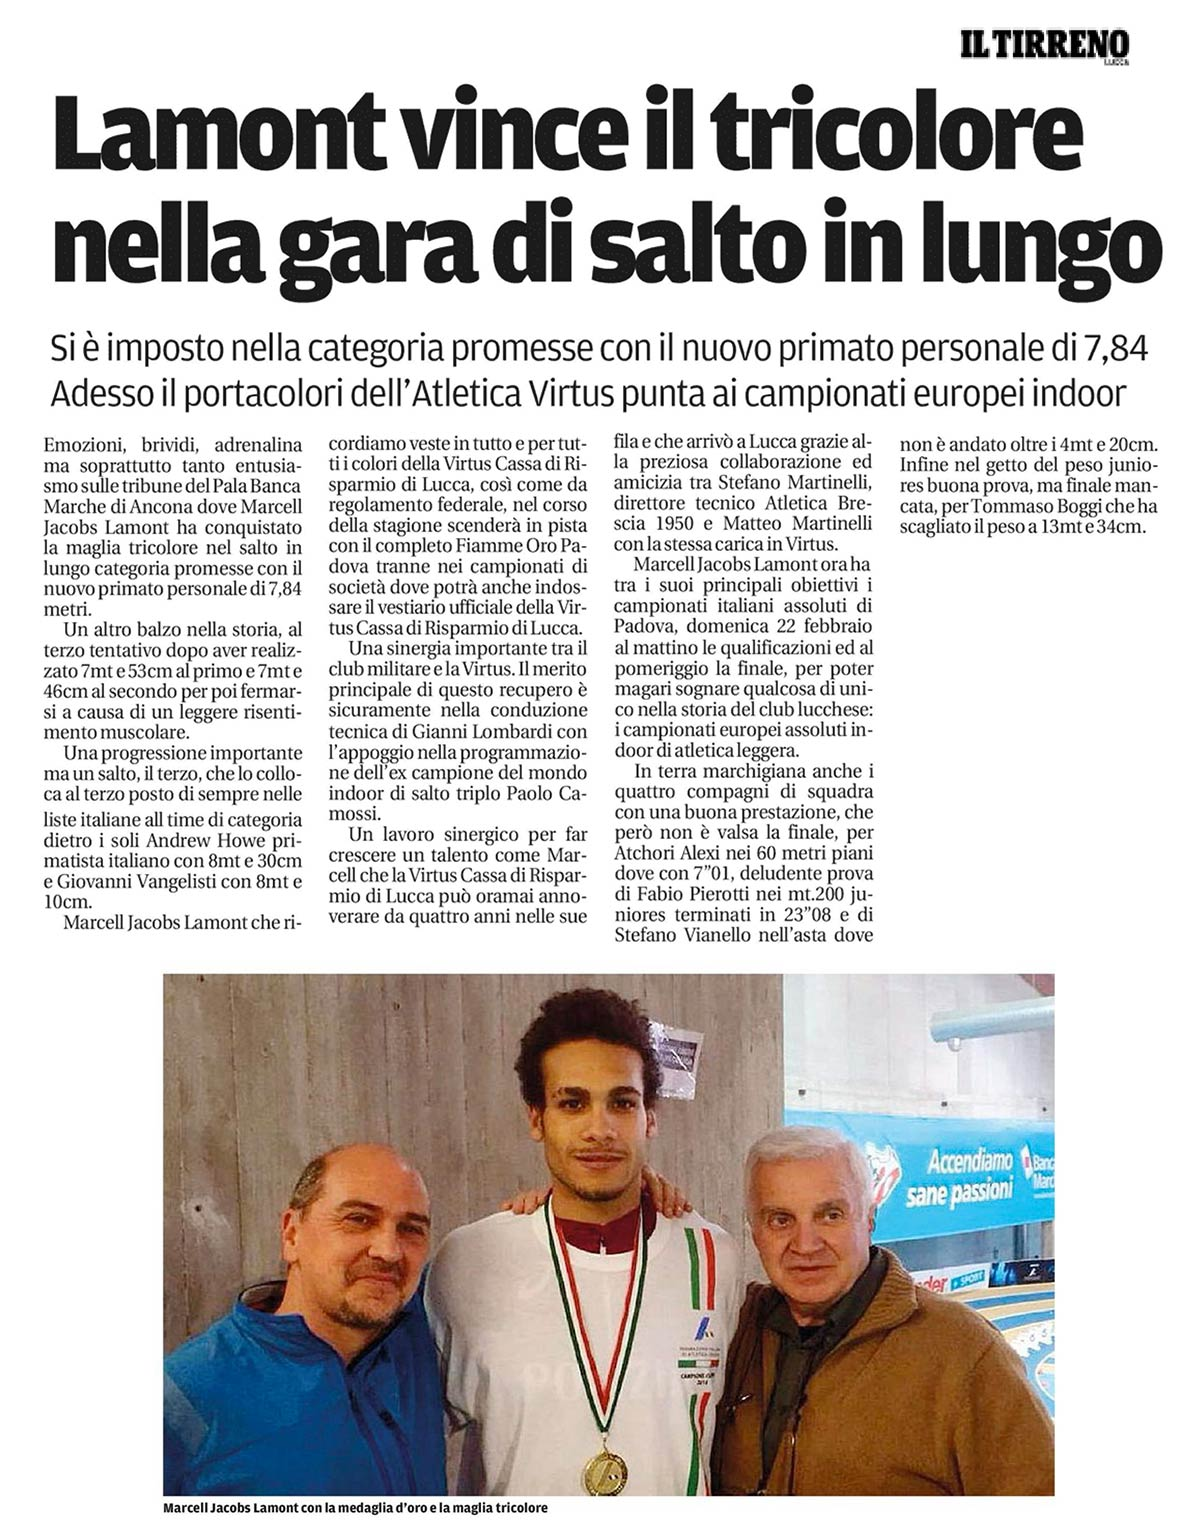 Il Tirreno 10 02 15 - Fiamme Oro Atletica